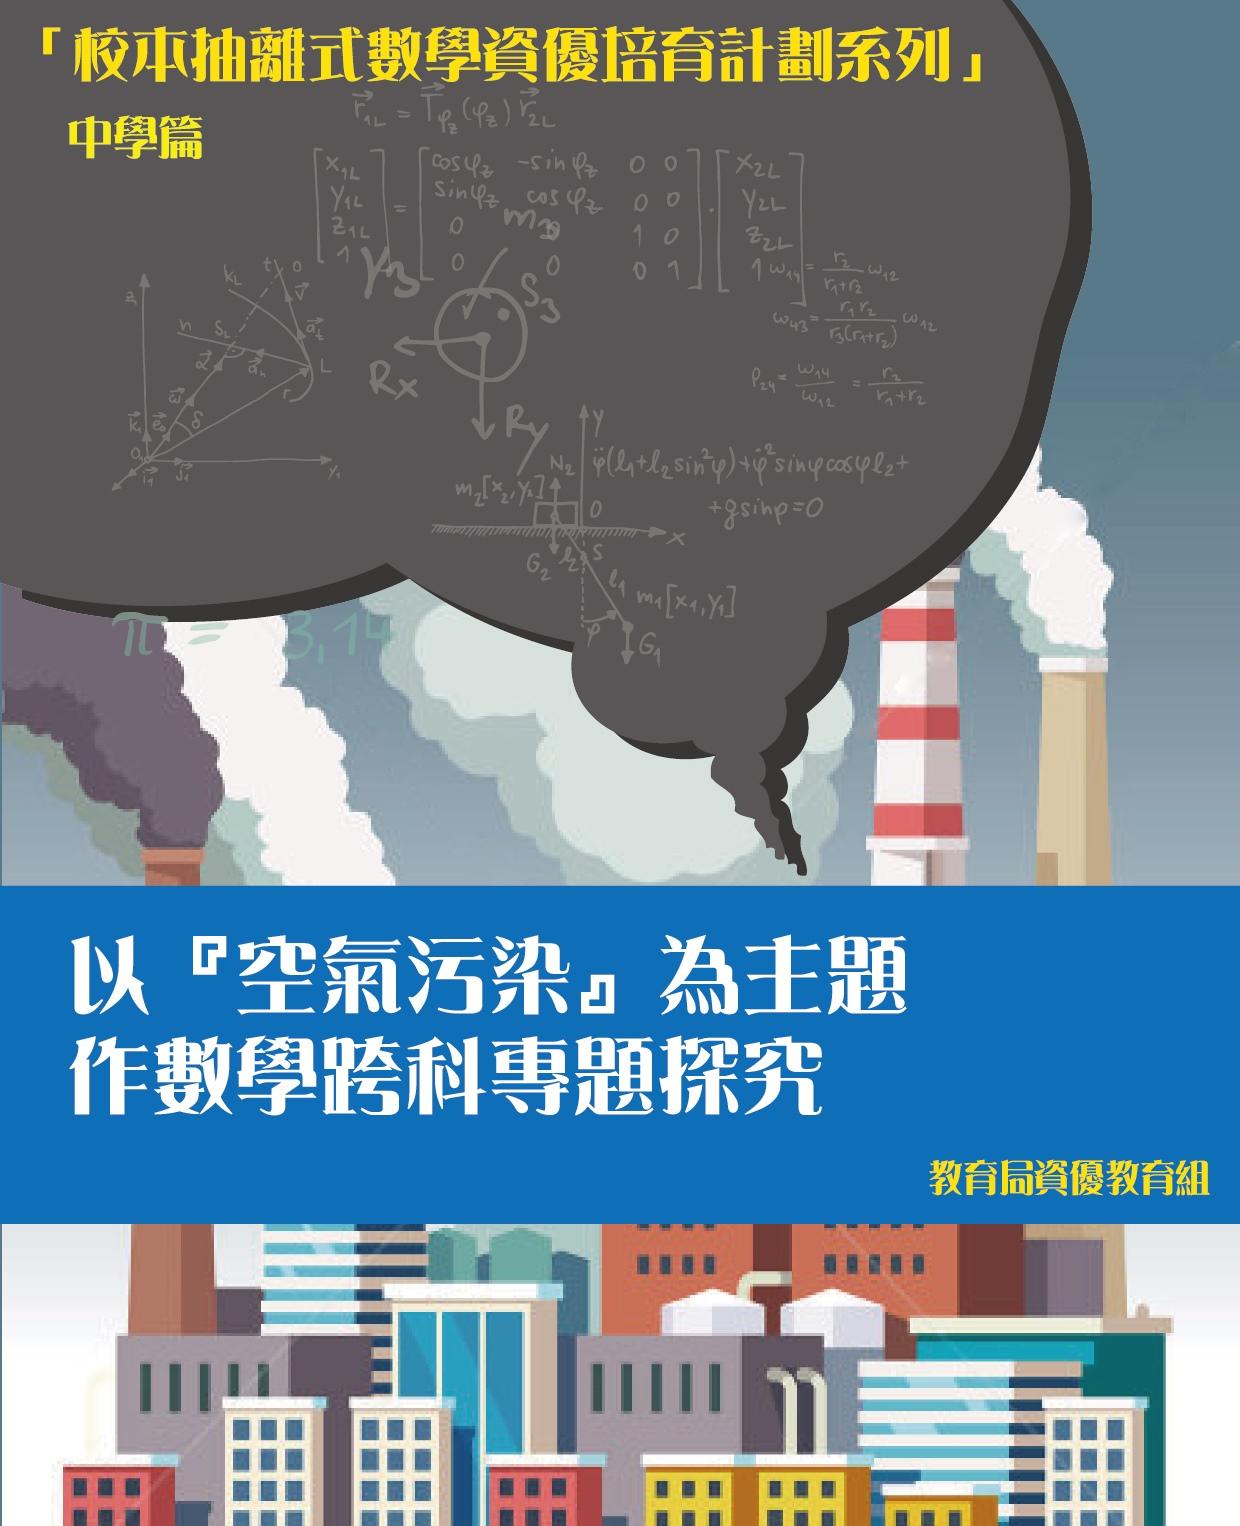 以『空氣污染』為主題作數學跨科專題探究內容